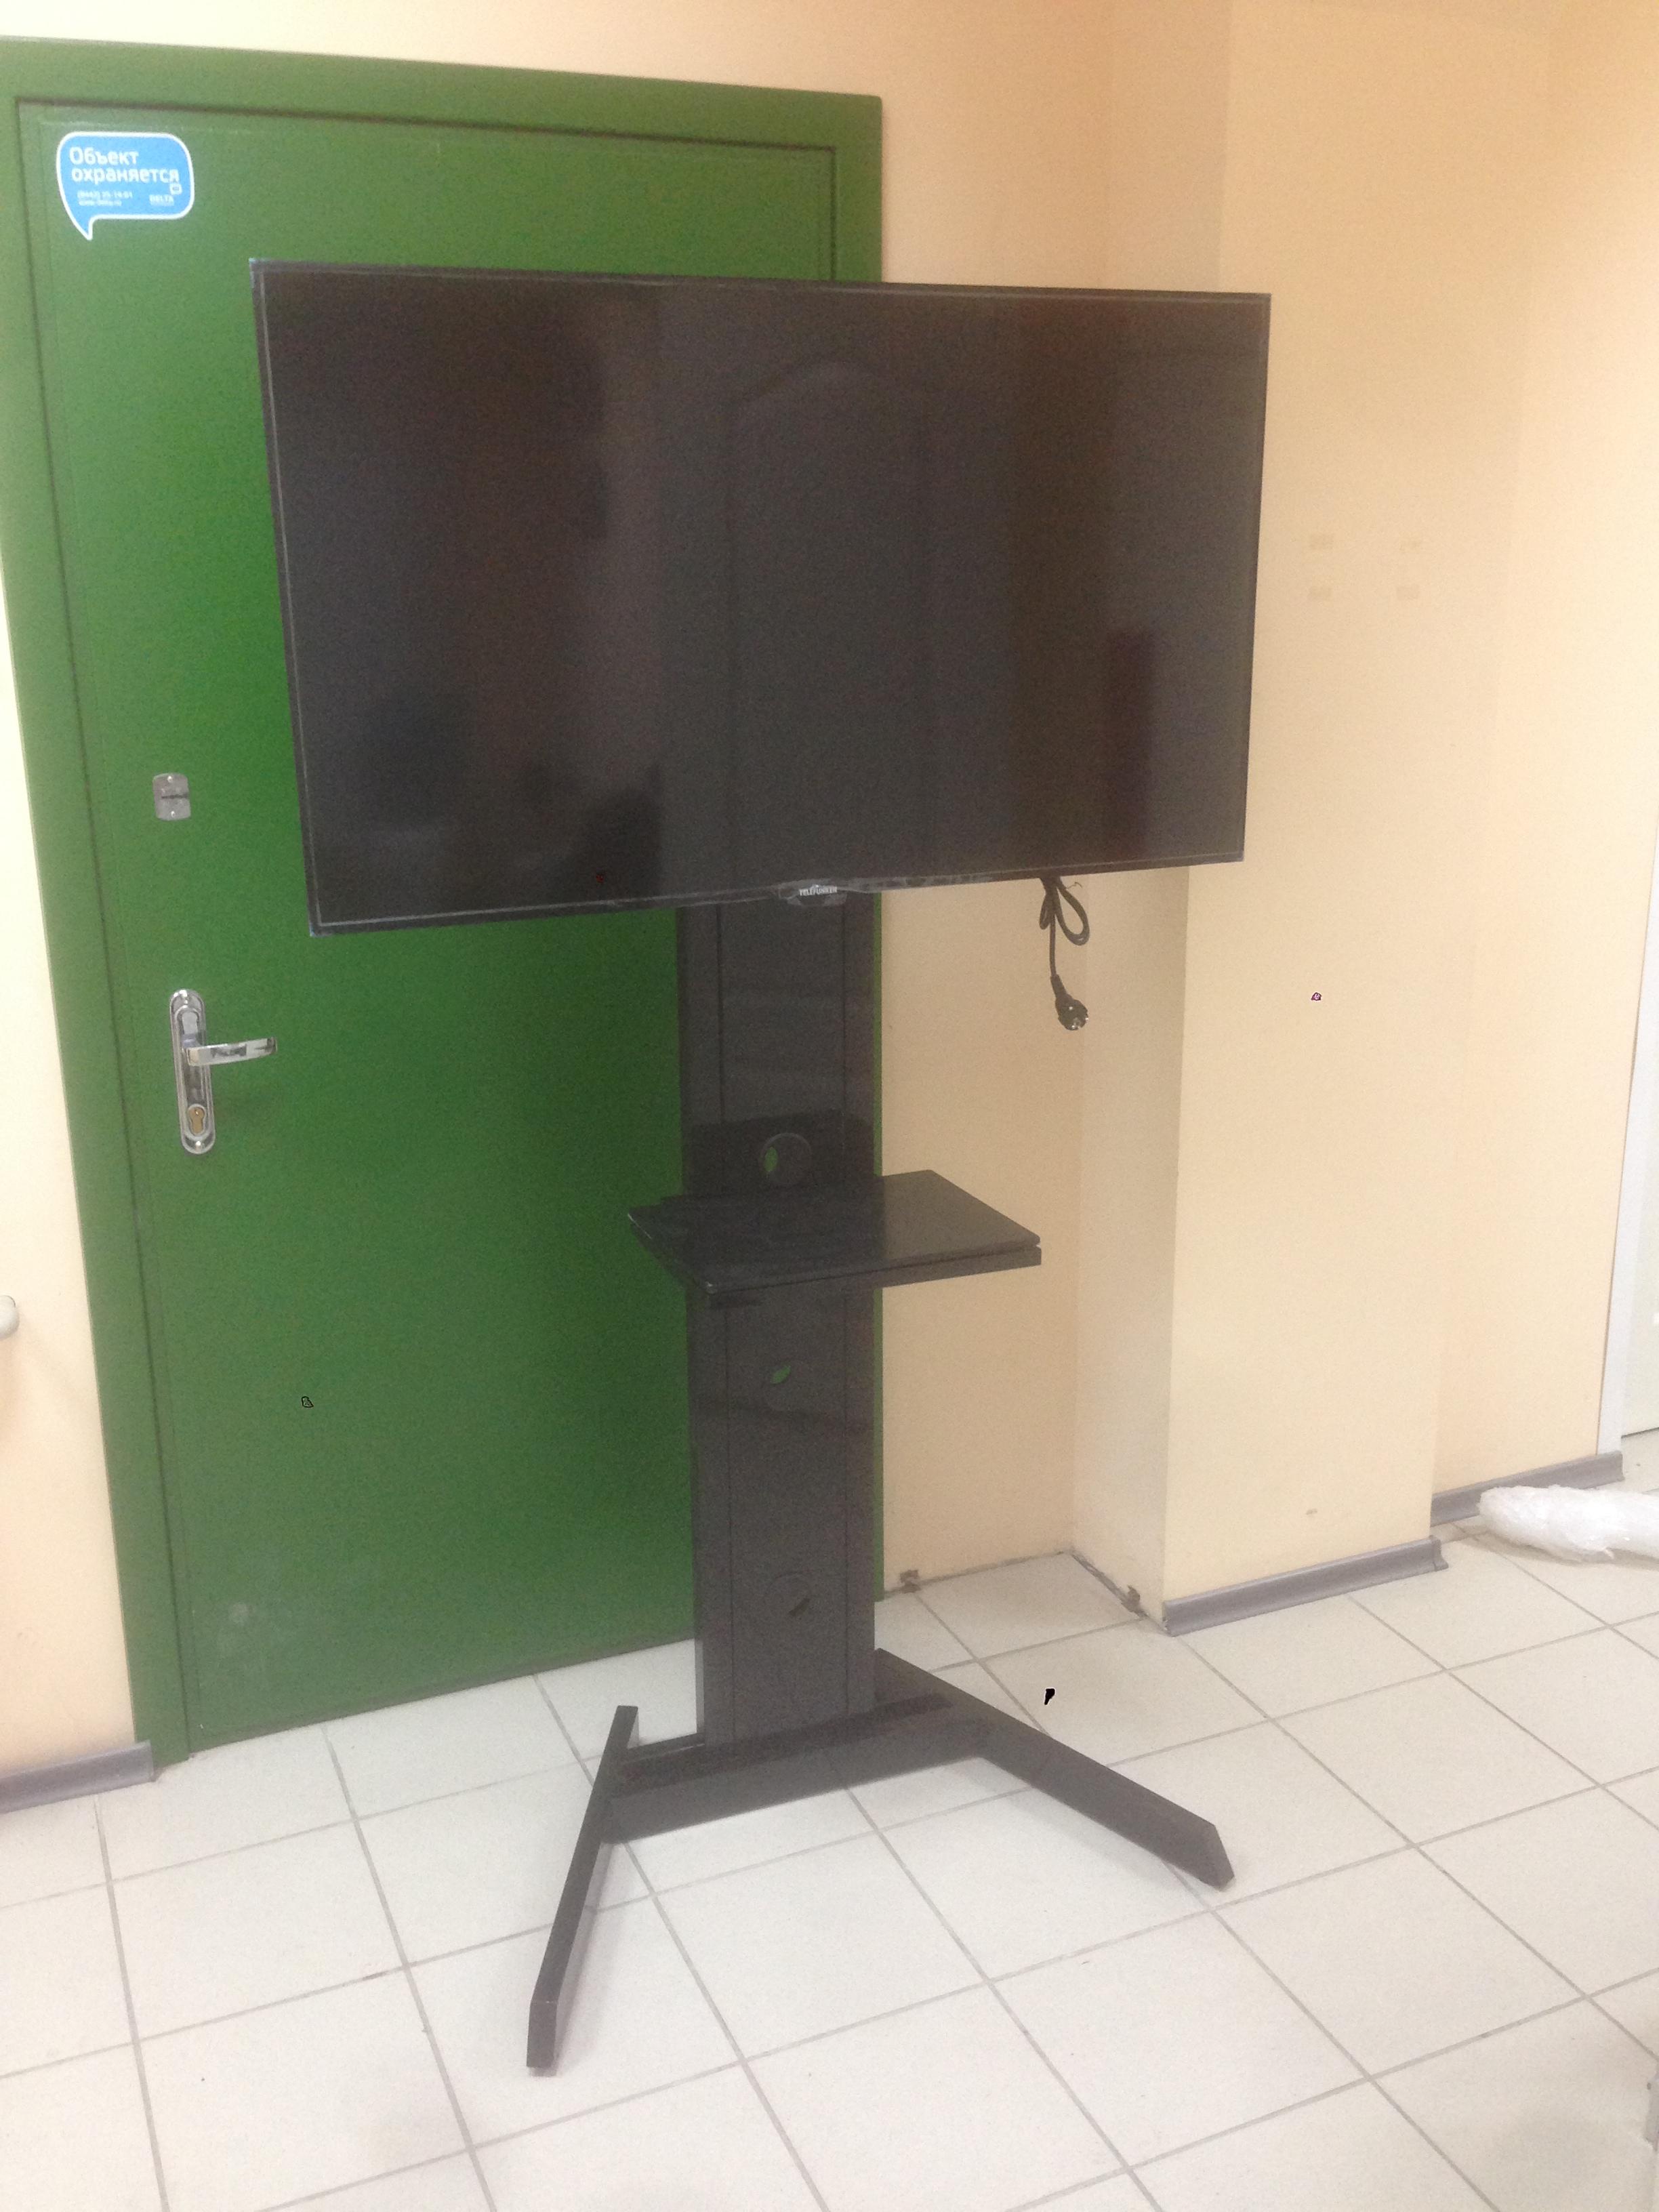 Аренда LCD панелей, аренда телевизоров, экраны на стойке, аренда с большой диагональю